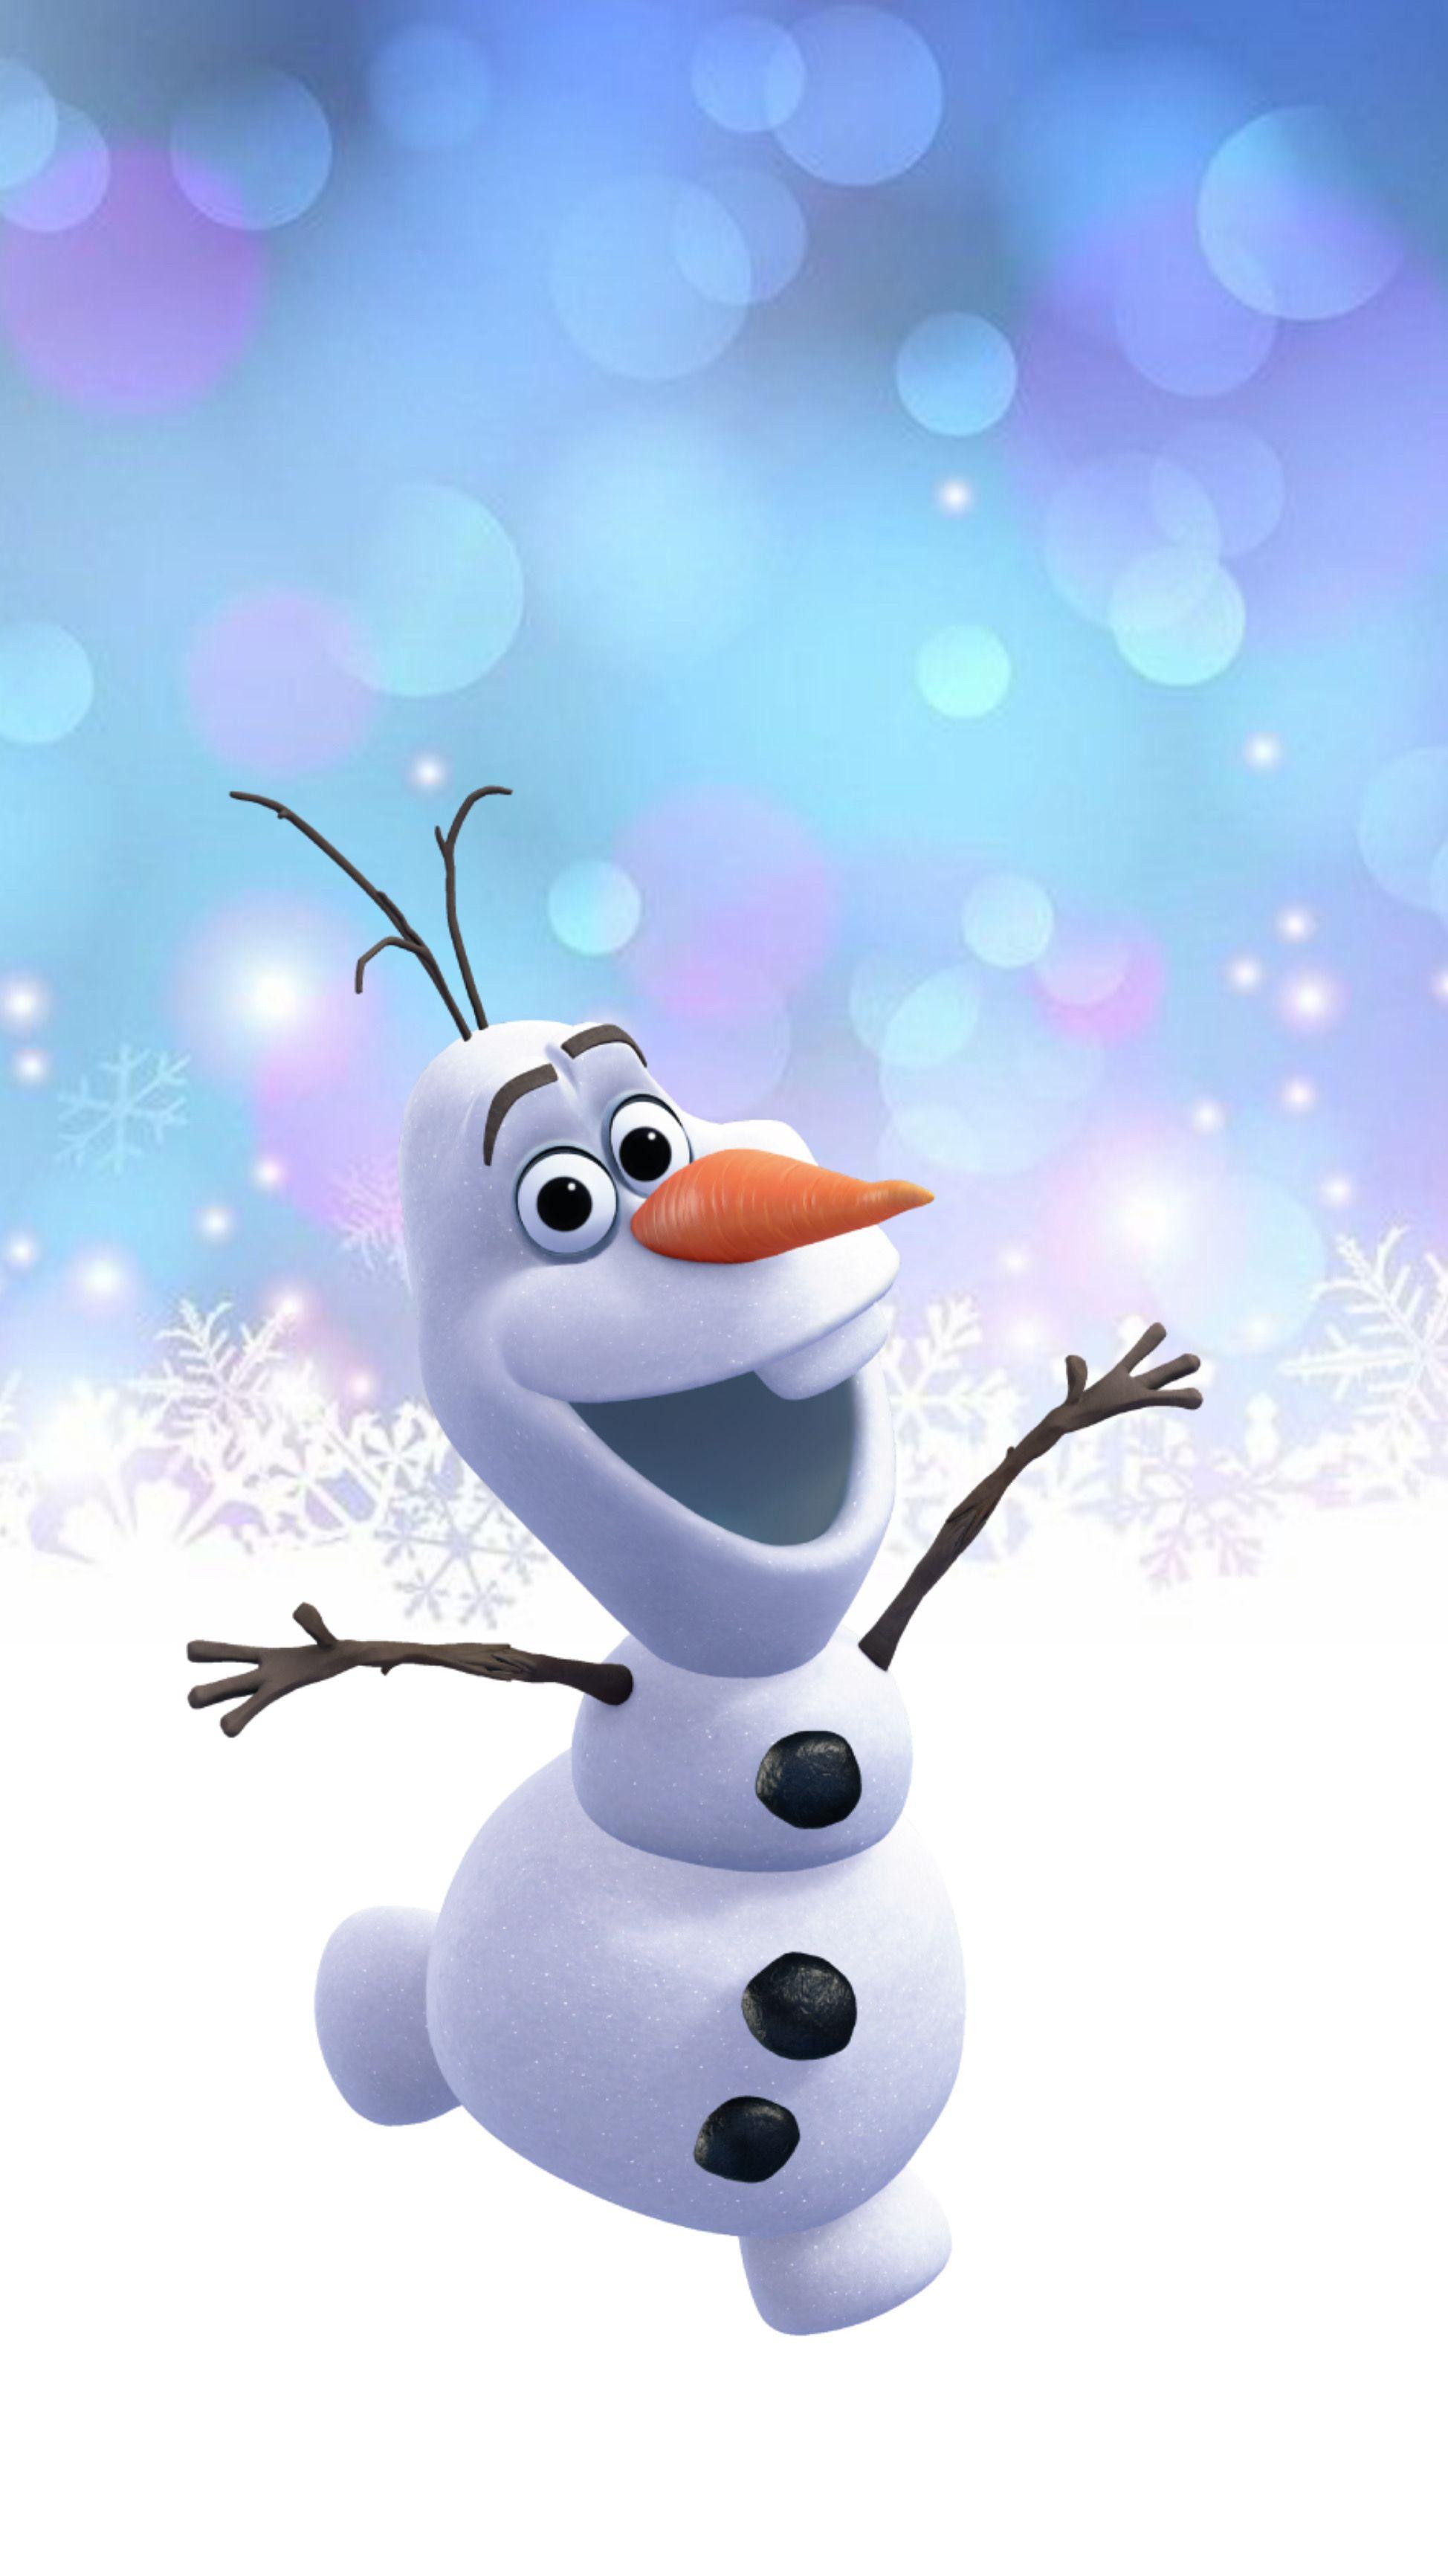 Olaf Frozen オラフ ディズニー 雪の女王